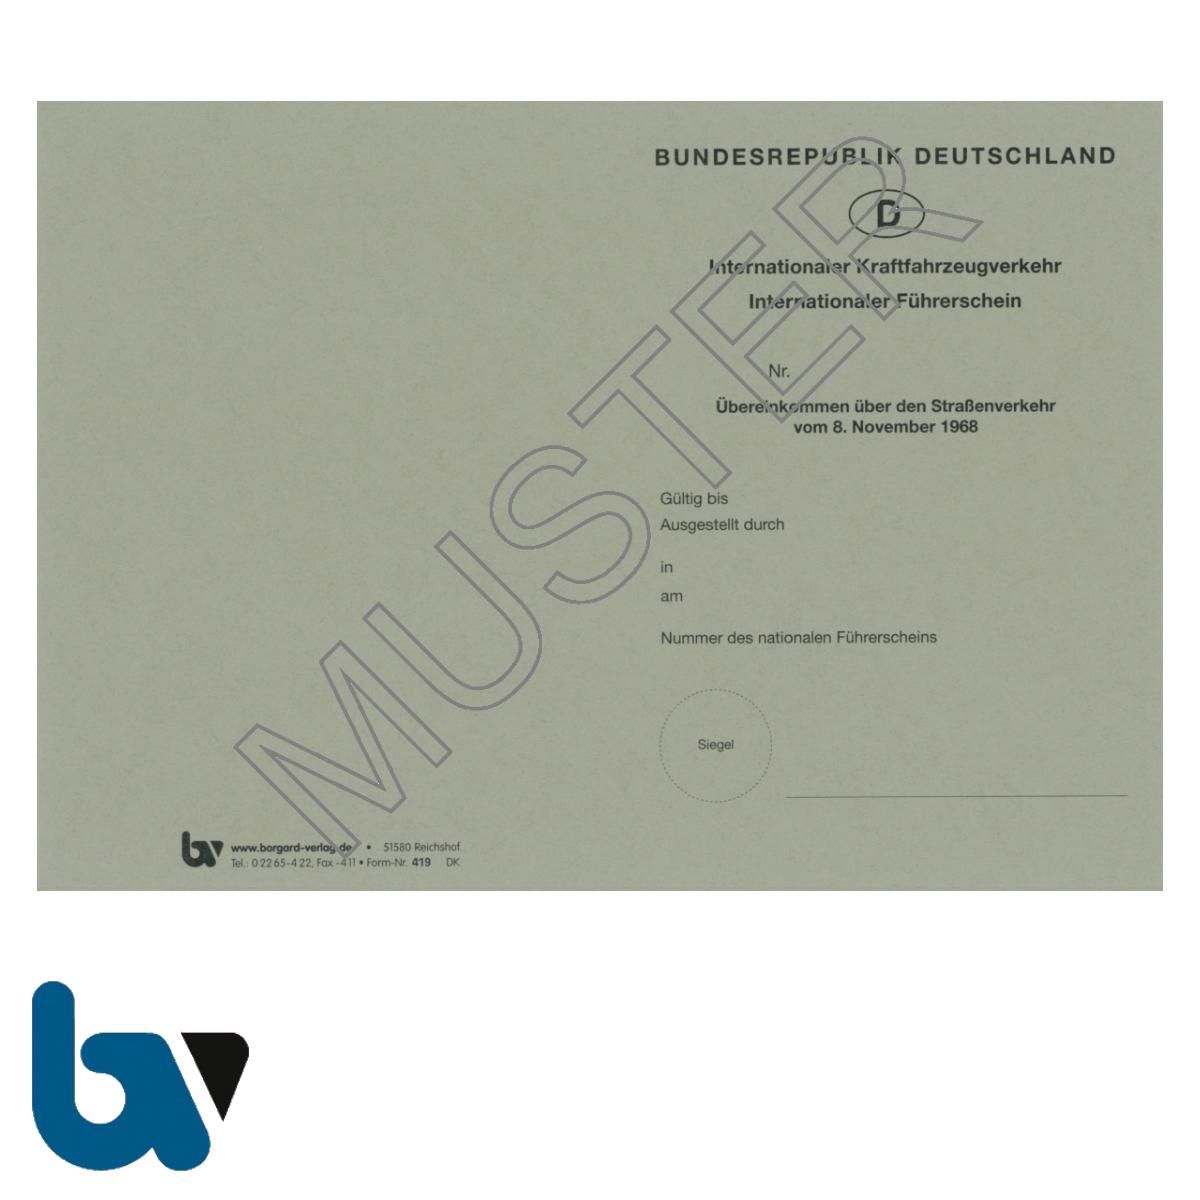 419 International Führerschein Übereinkommen 1968 §25b Anlage 8d FeV Fahrerlaubnis Verordnung Neobond grau Seite 1 | Borgard Verlag GmbH